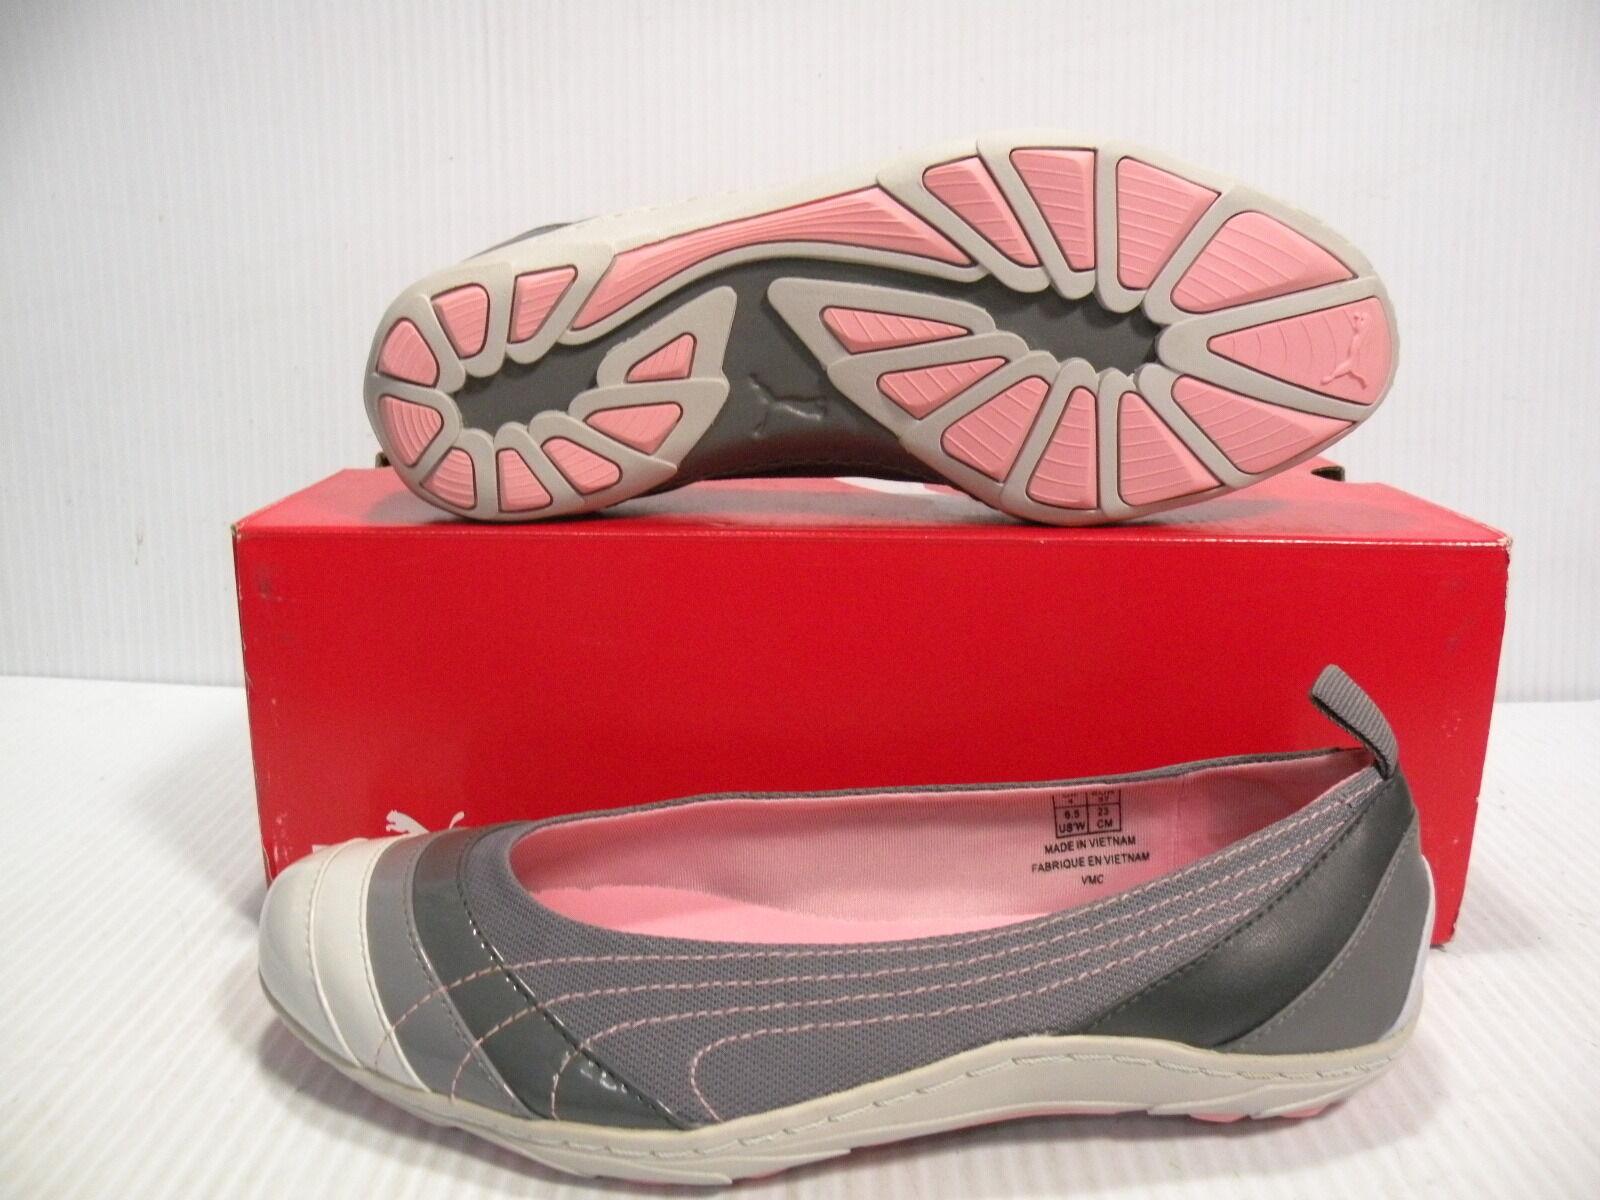 Puma ginza dori basso scarpe le donne scarpe grigio / dimensioni bianco 344012-03 9,5 nuove dimensioni / c8f7c6